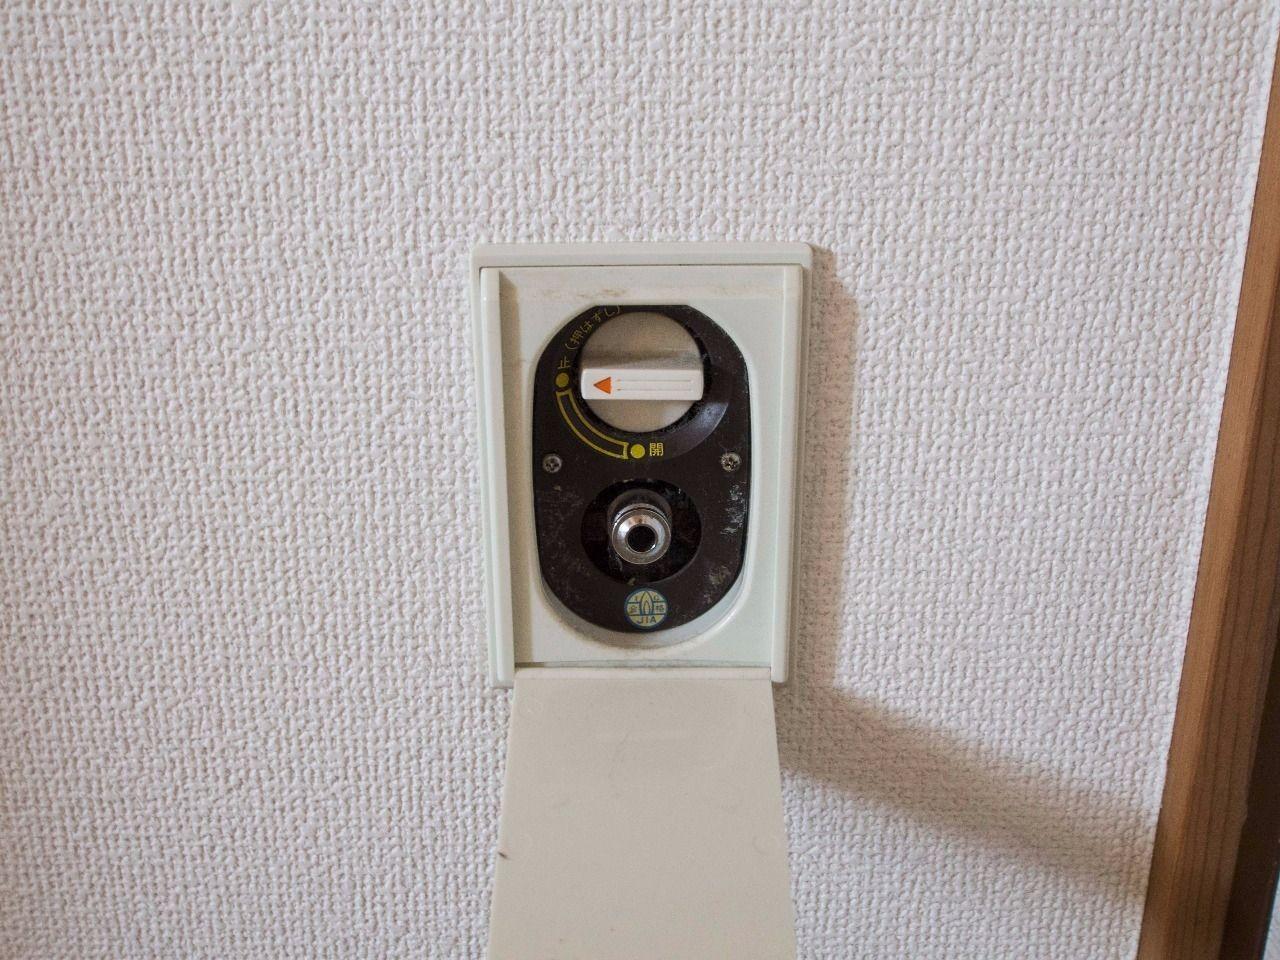 各室にガスヒーターが使えるガス栓を設備